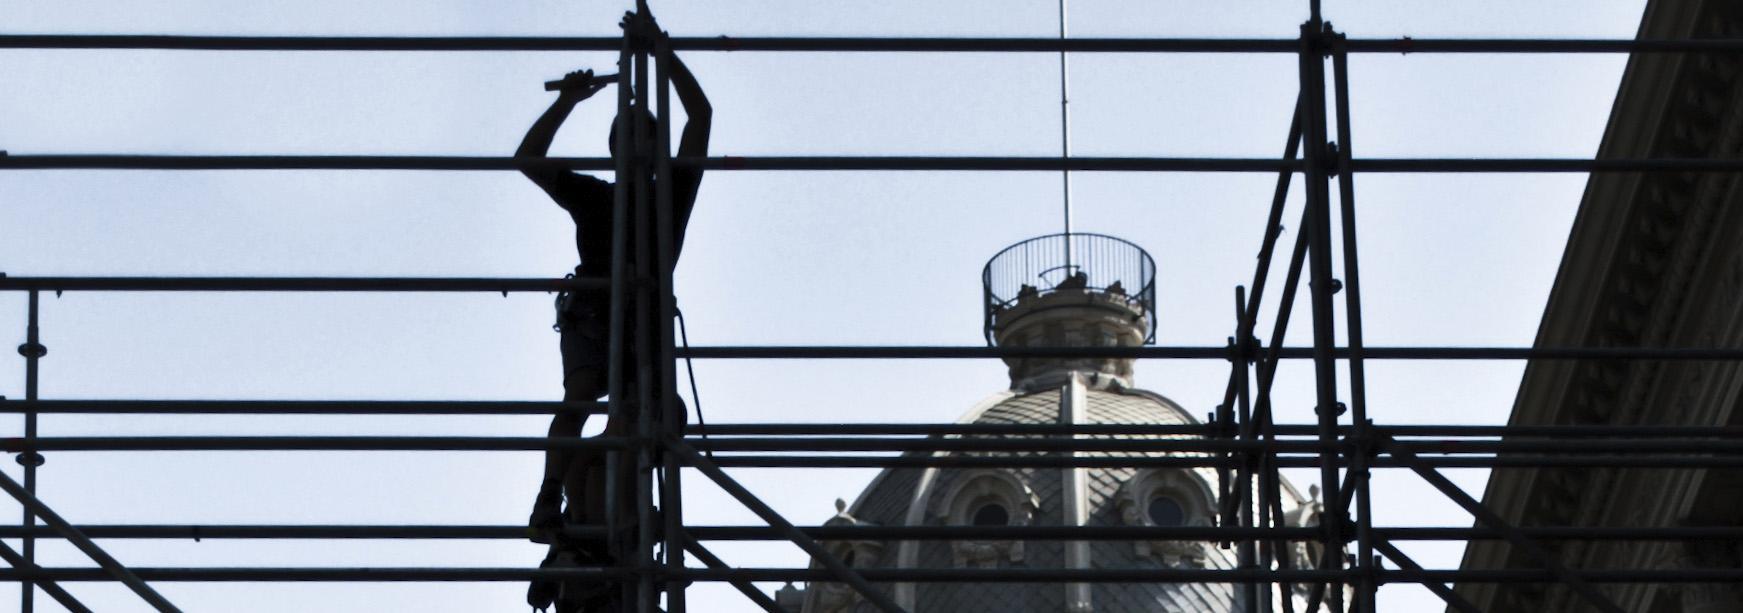 Prévoyance 2020 : une réforme vers plus d'inégalités sociales ?